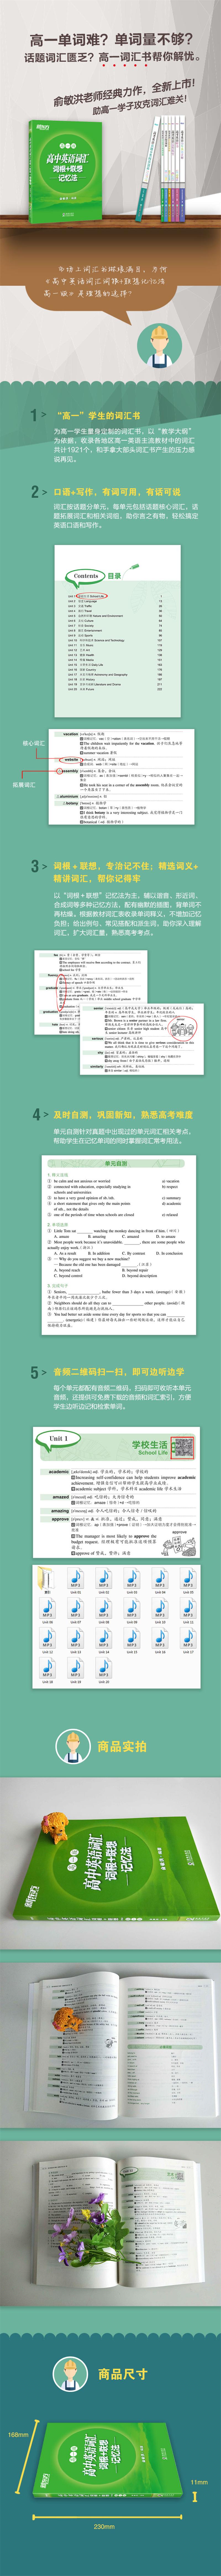 高中英语词汇词根+联想记忆法:高一版(俞敏洪老师经典力作)